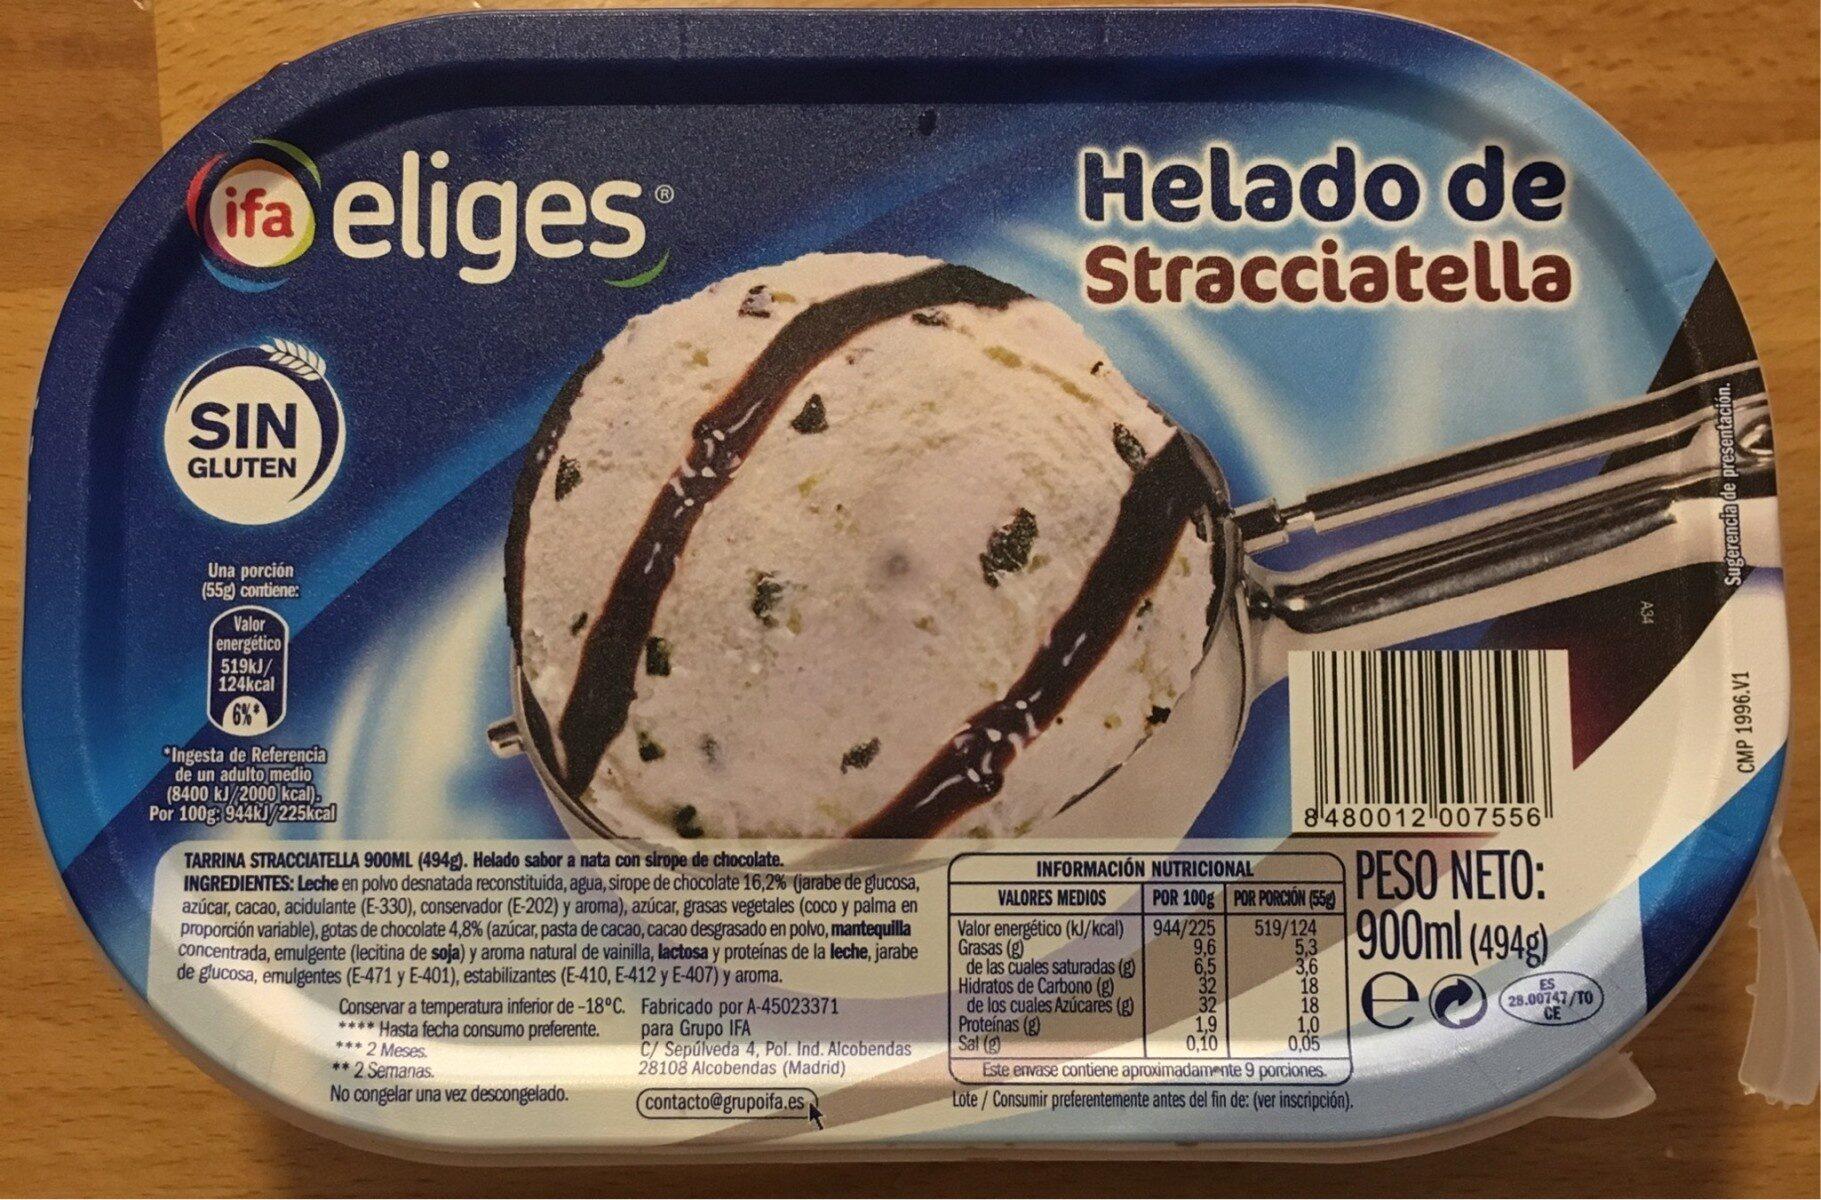 Helado de Stracciatella - Product - es